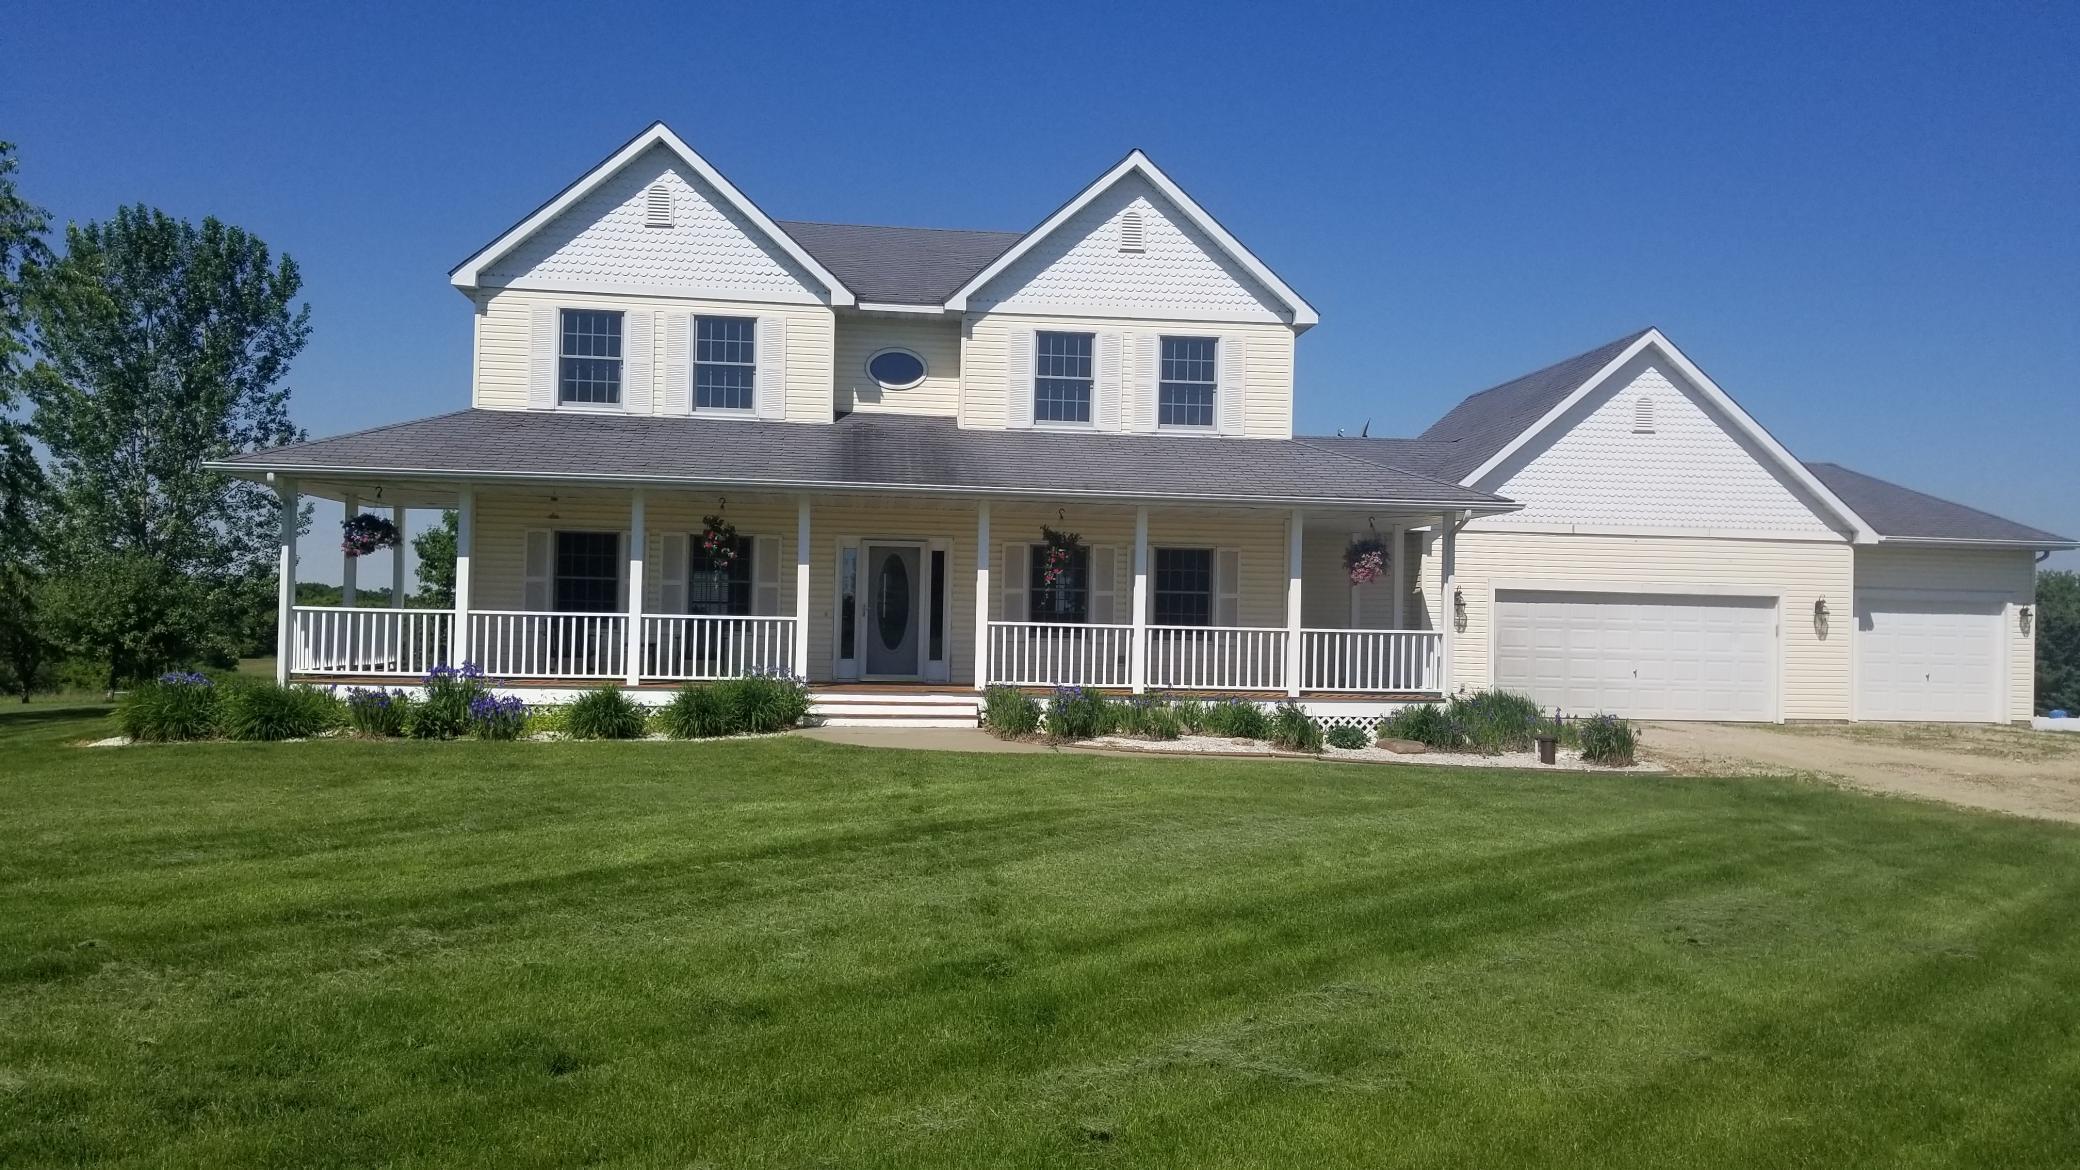 N5765 1200th Street Property Photo - Oak Grove Twp, WI real estate listing